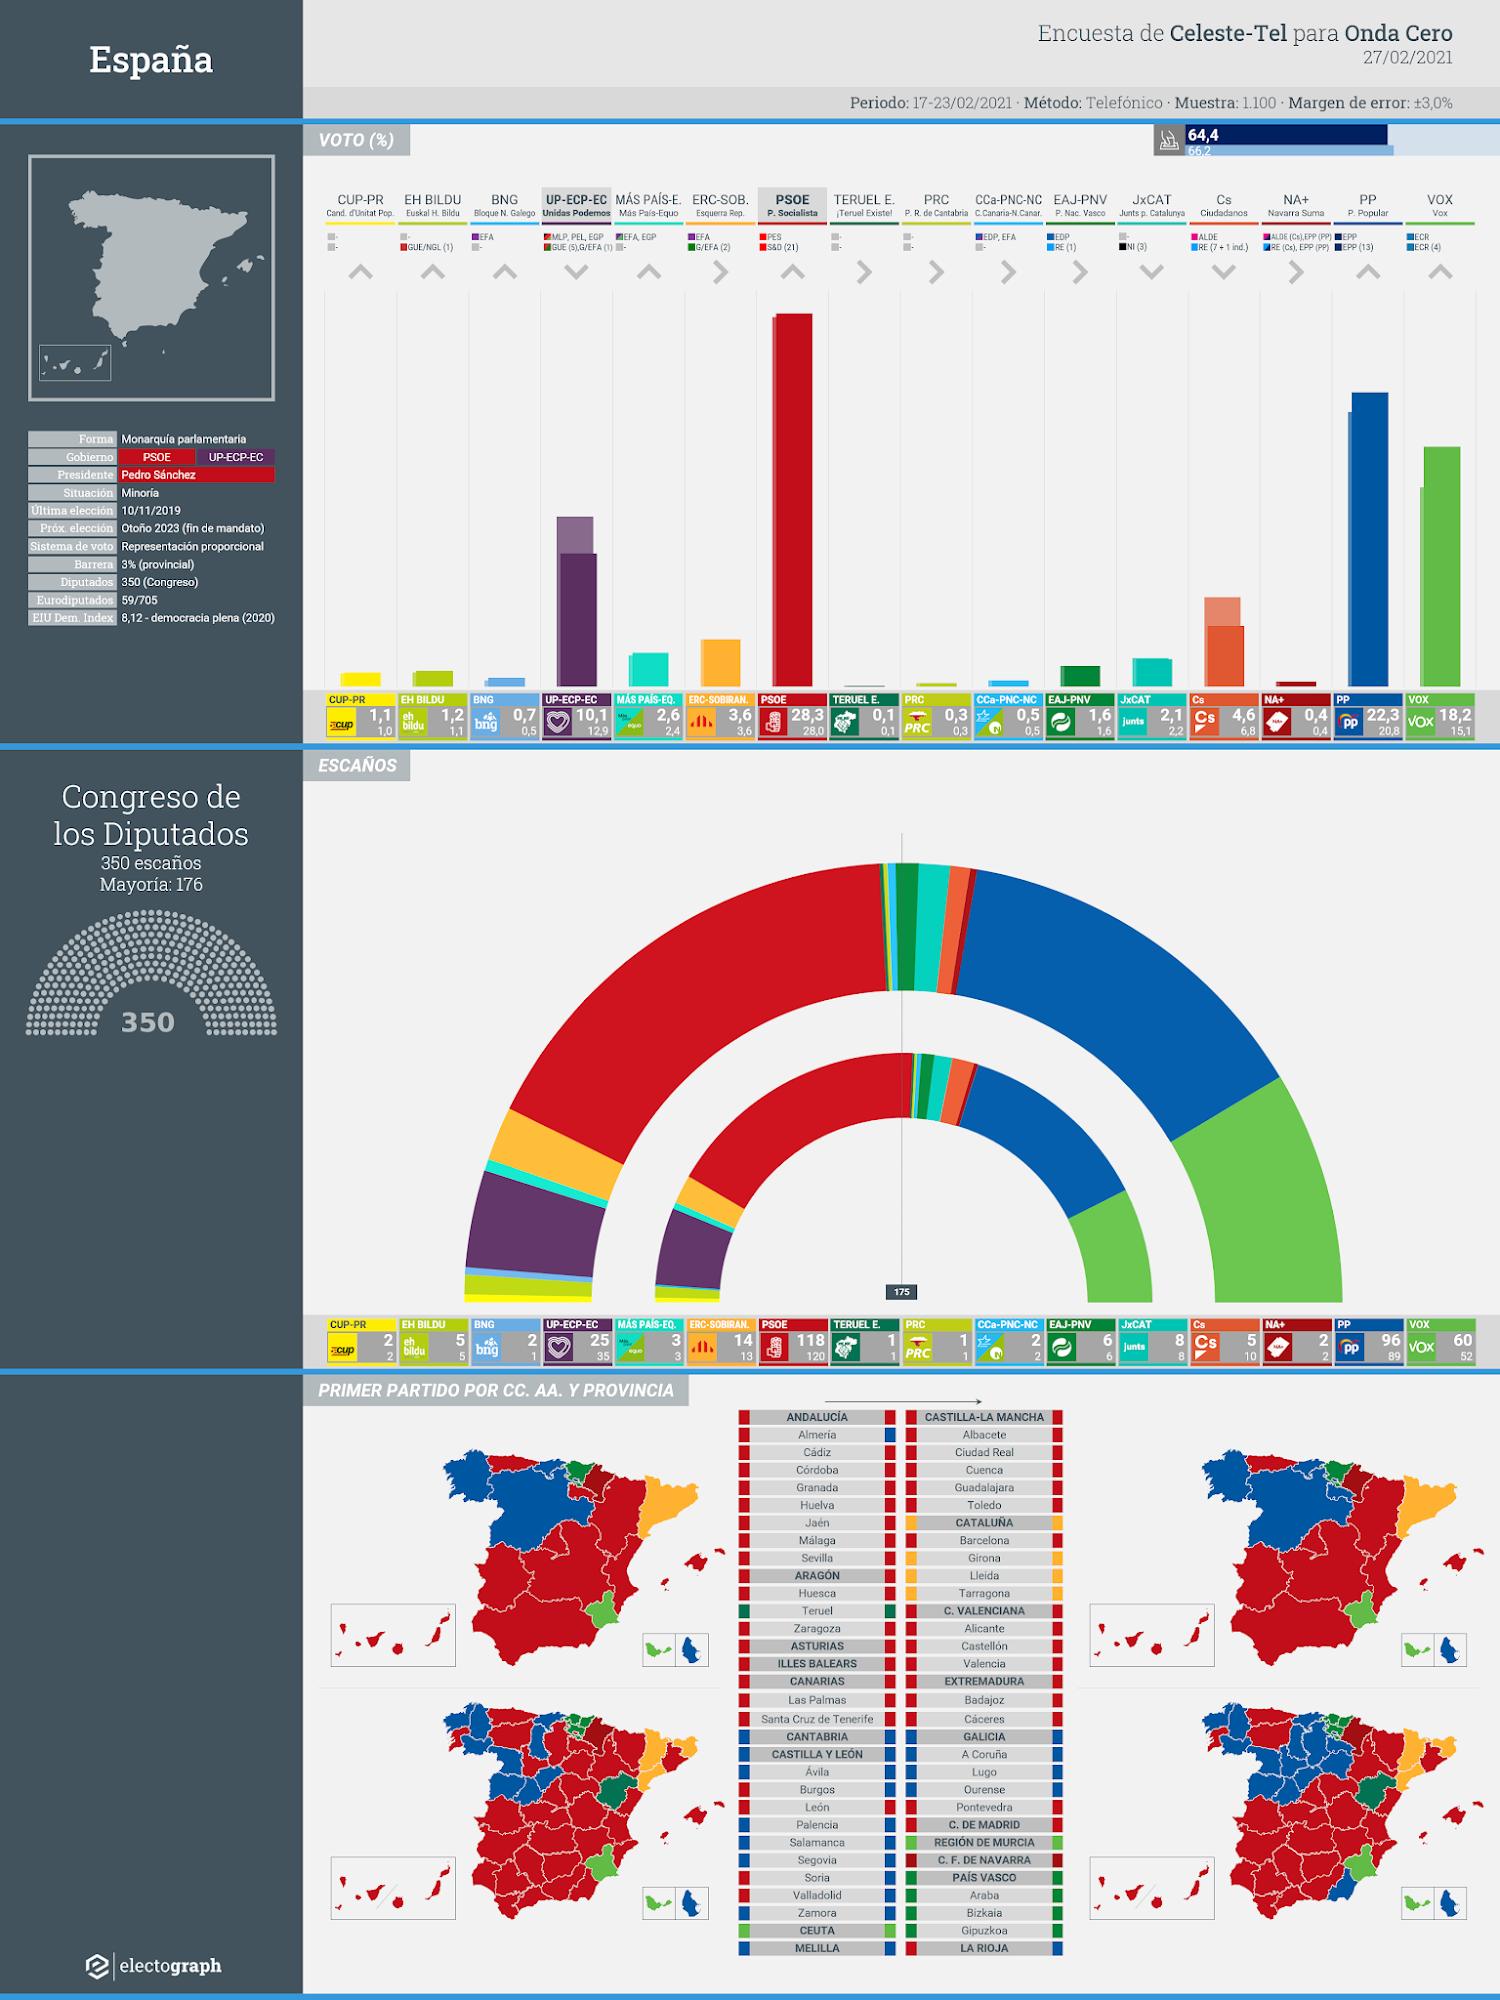 Gráfico de la encuesta para elecciones generales en España realizada por Celeste-Tel para Onda Cero, 27 de febrero de 2021